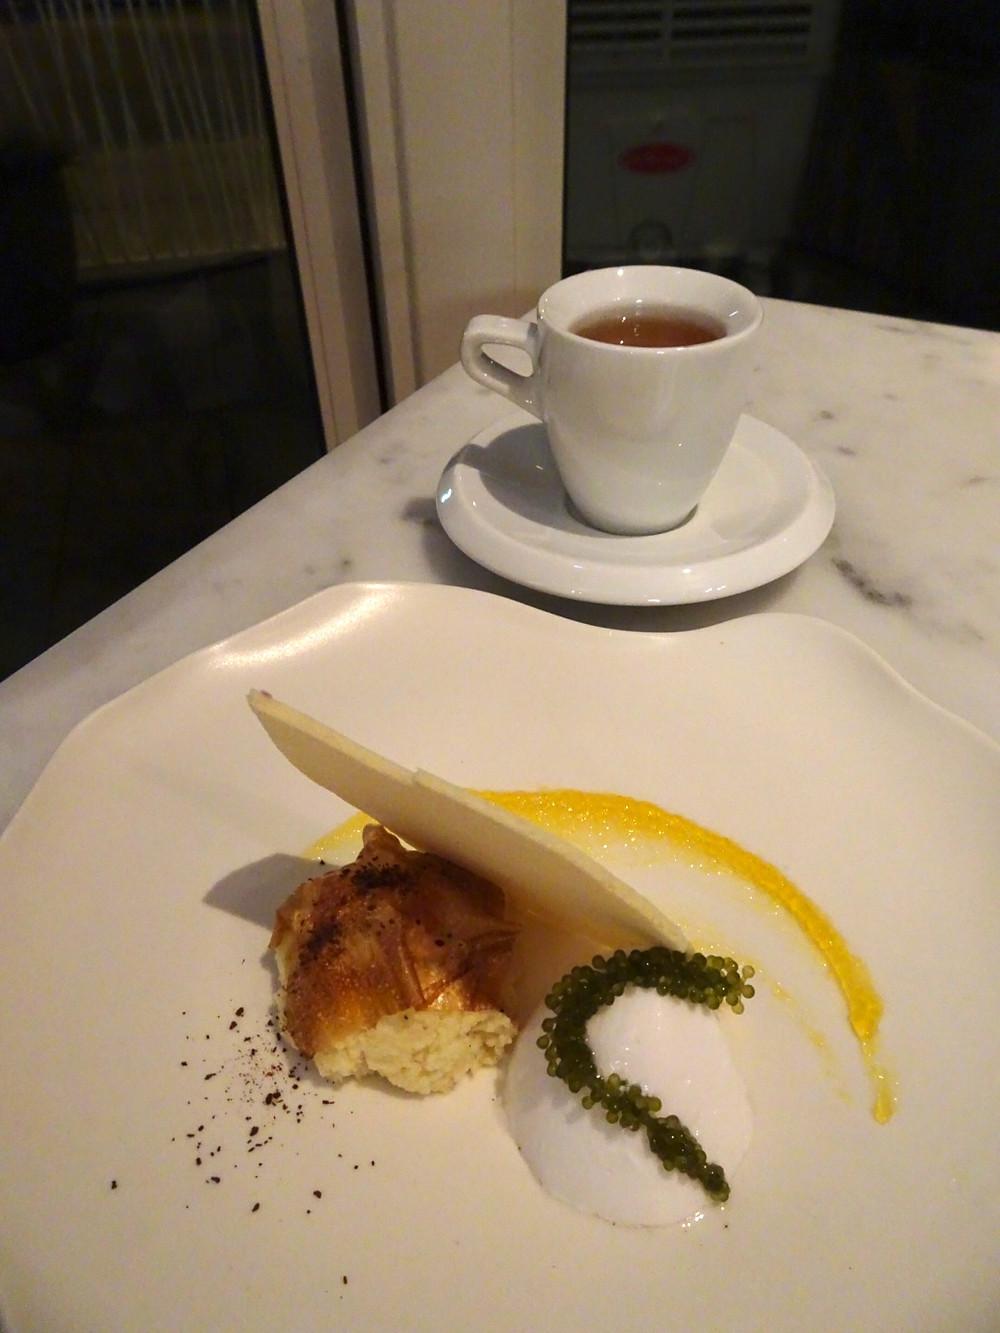 Dessert at Cobo House restaurant in Hong Kong